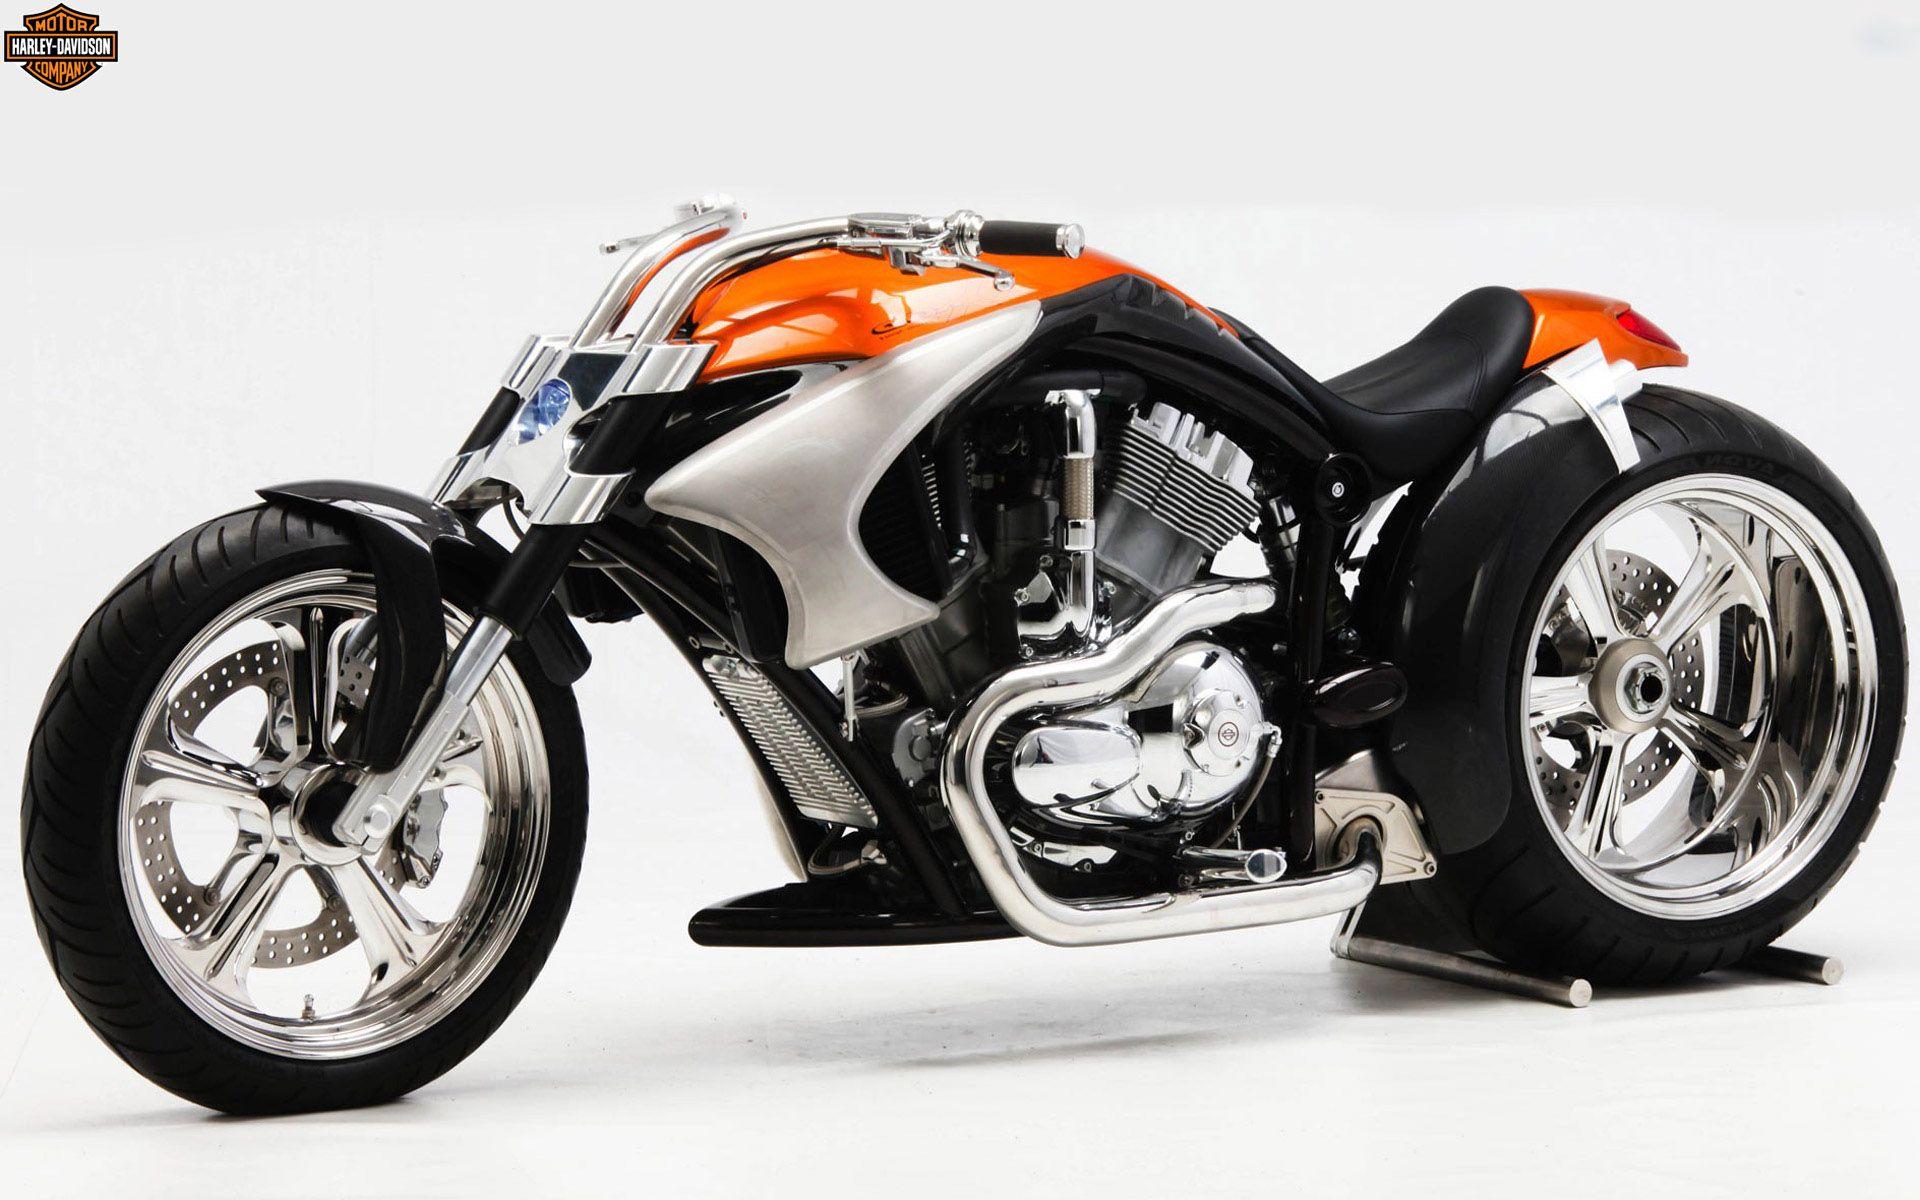 Bobber Cafe Racer Harley Davidson Hd Wallpaper 1080p: Harley Davidson HD Desktop X Wallpapers